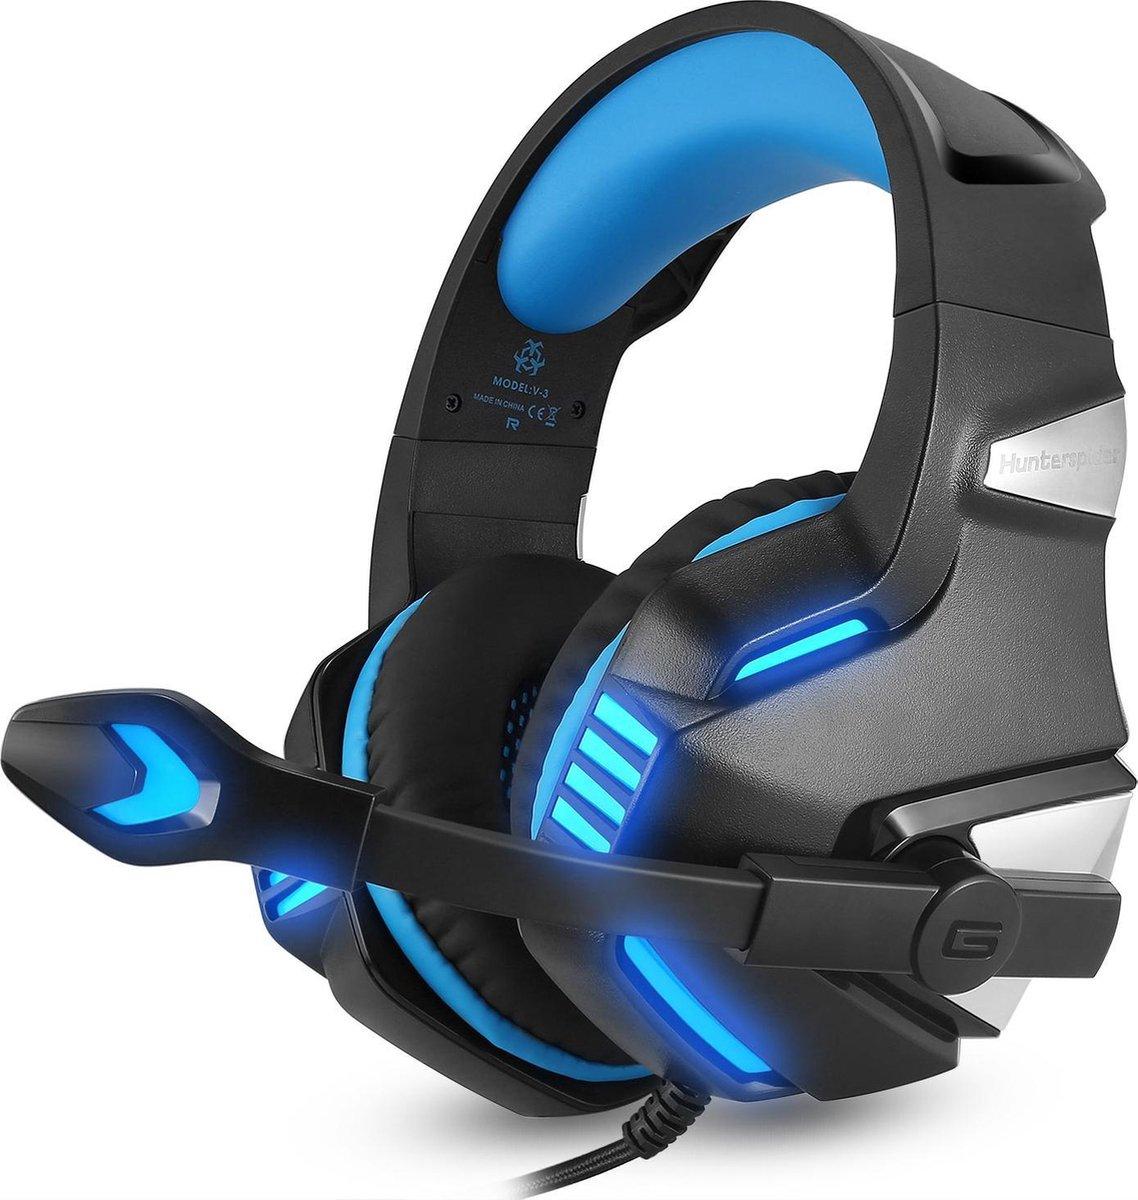 Hunterspider Gaming Headset - Zwart/Blauw - Geschikt voor PS4, Xbox One, Switch & Windows